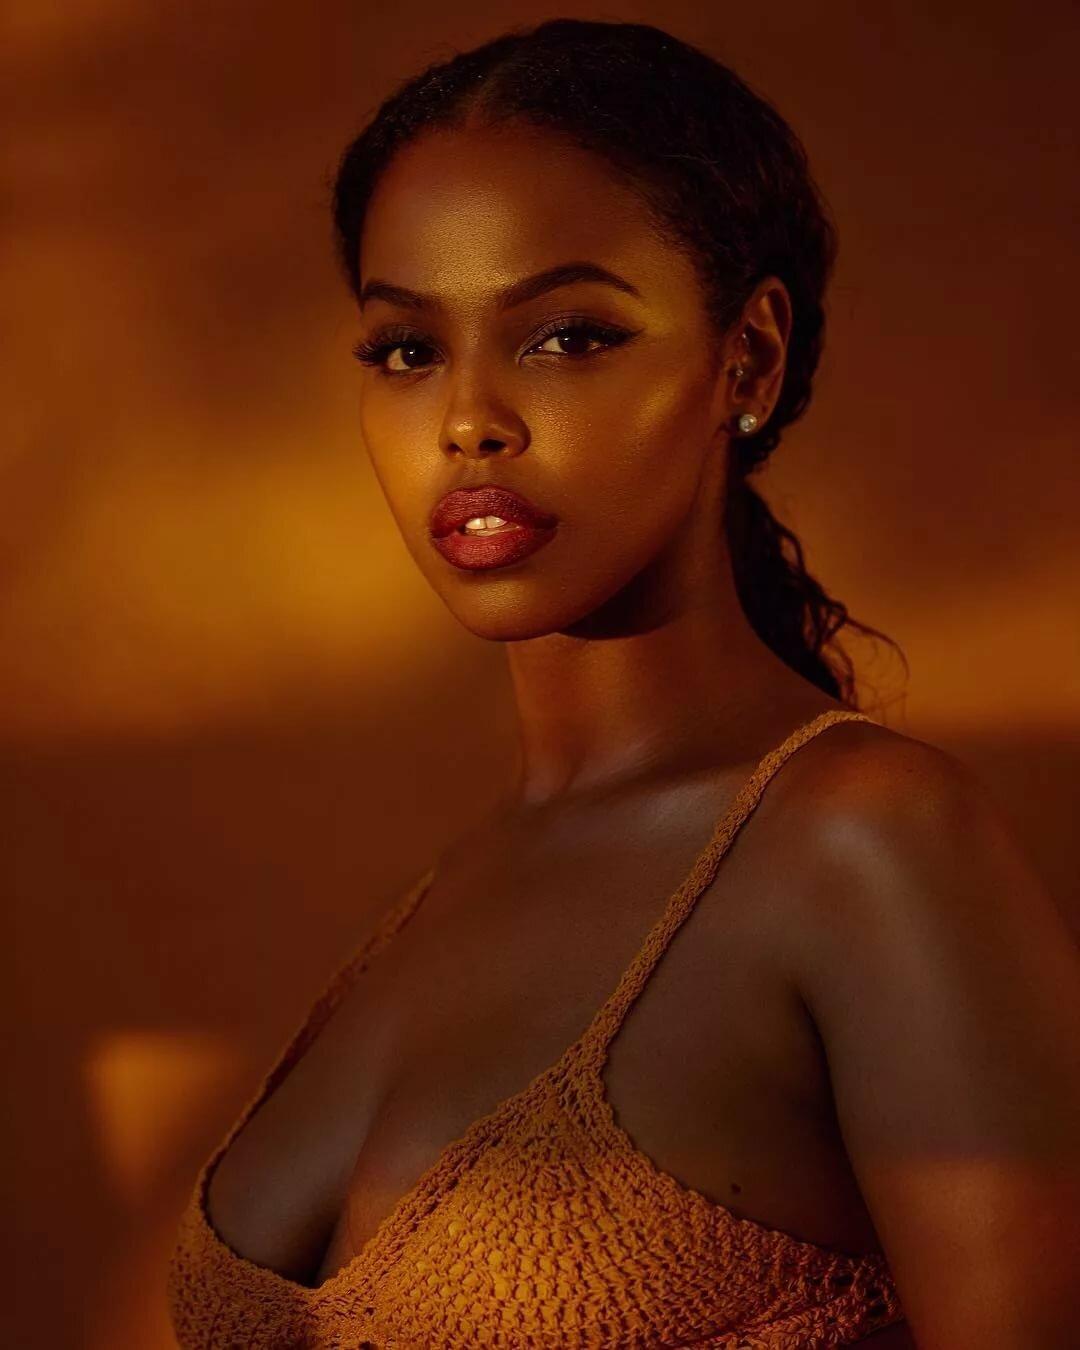 Nude Light Skin Women